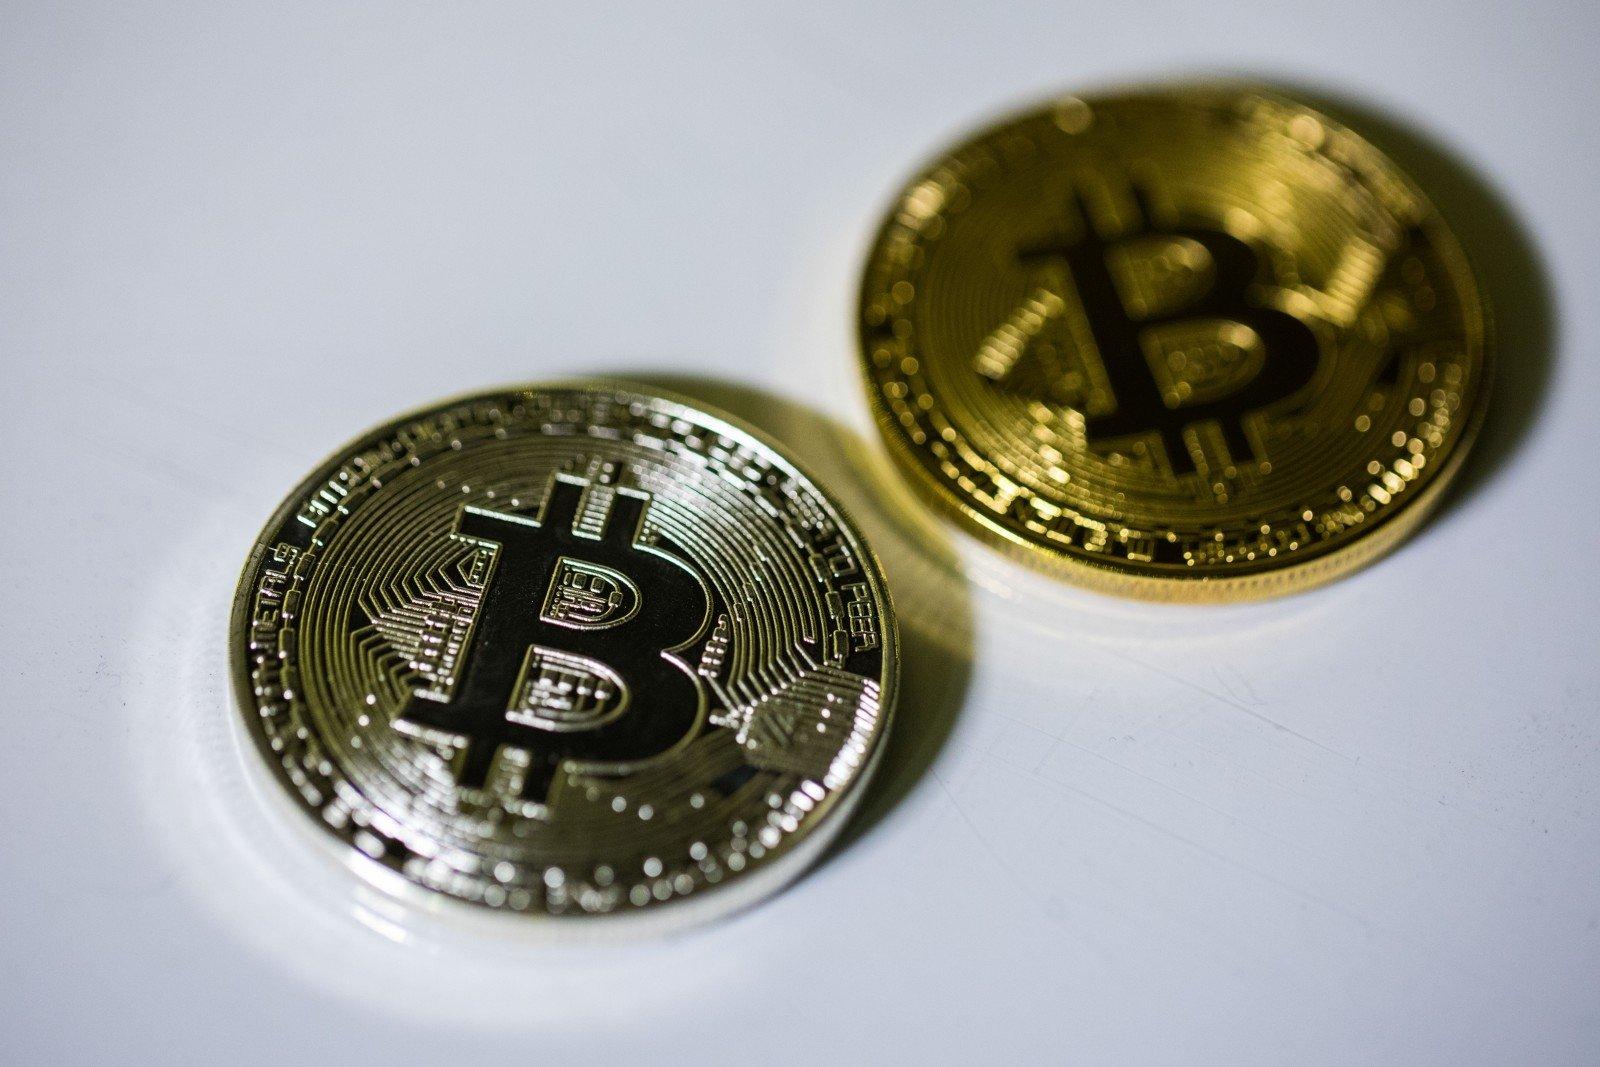 ką reiškia bitkoinas 33 geriausios dvejetainės parinktys